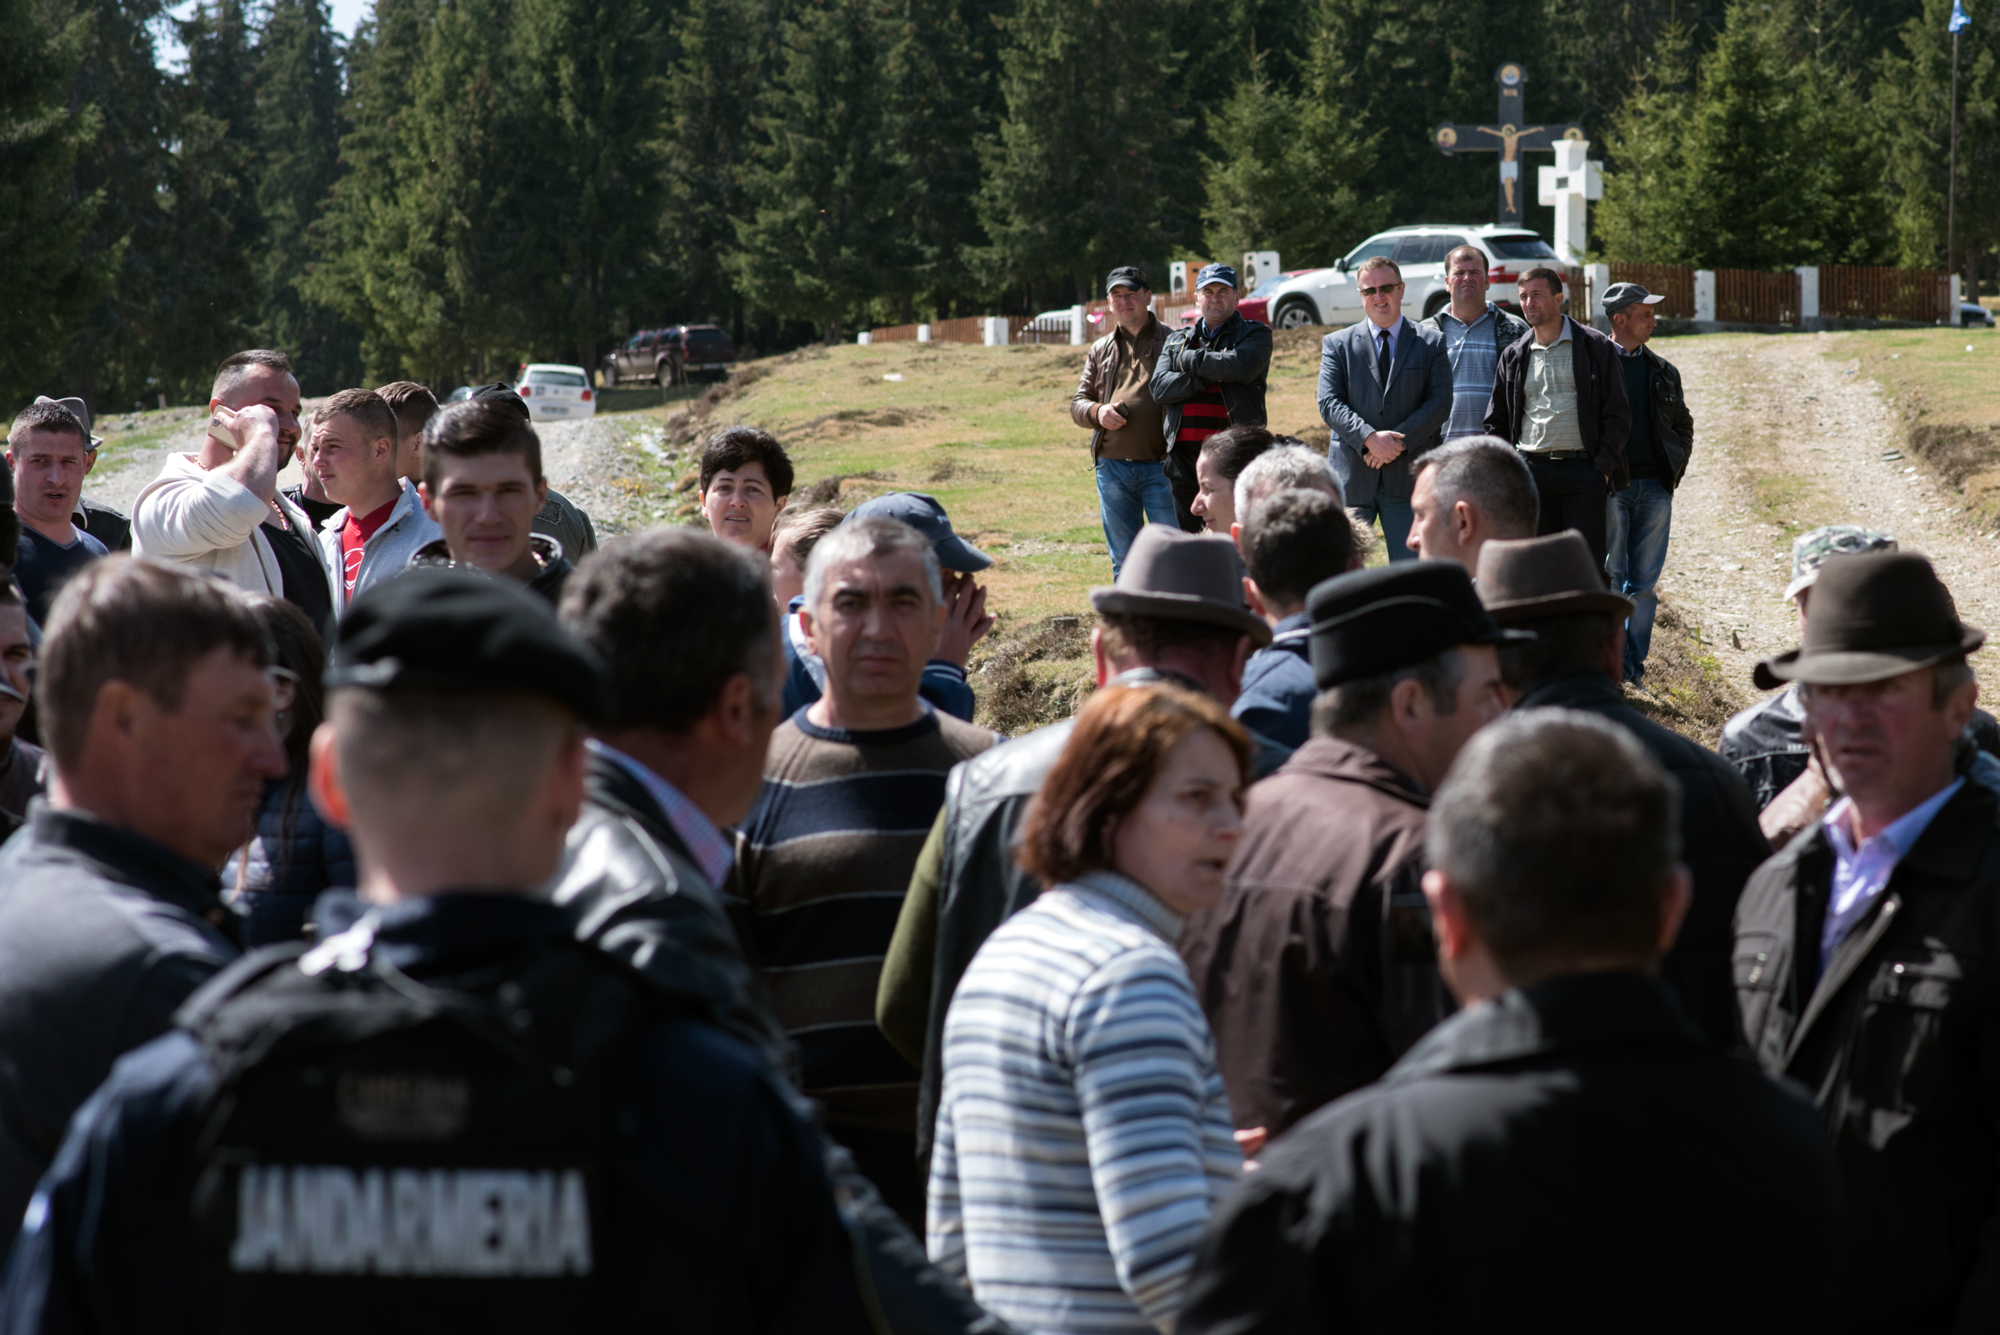 Primarul din Mărgău (în fundal în costum) a urmărit ciocnirea moților cu jandarmii